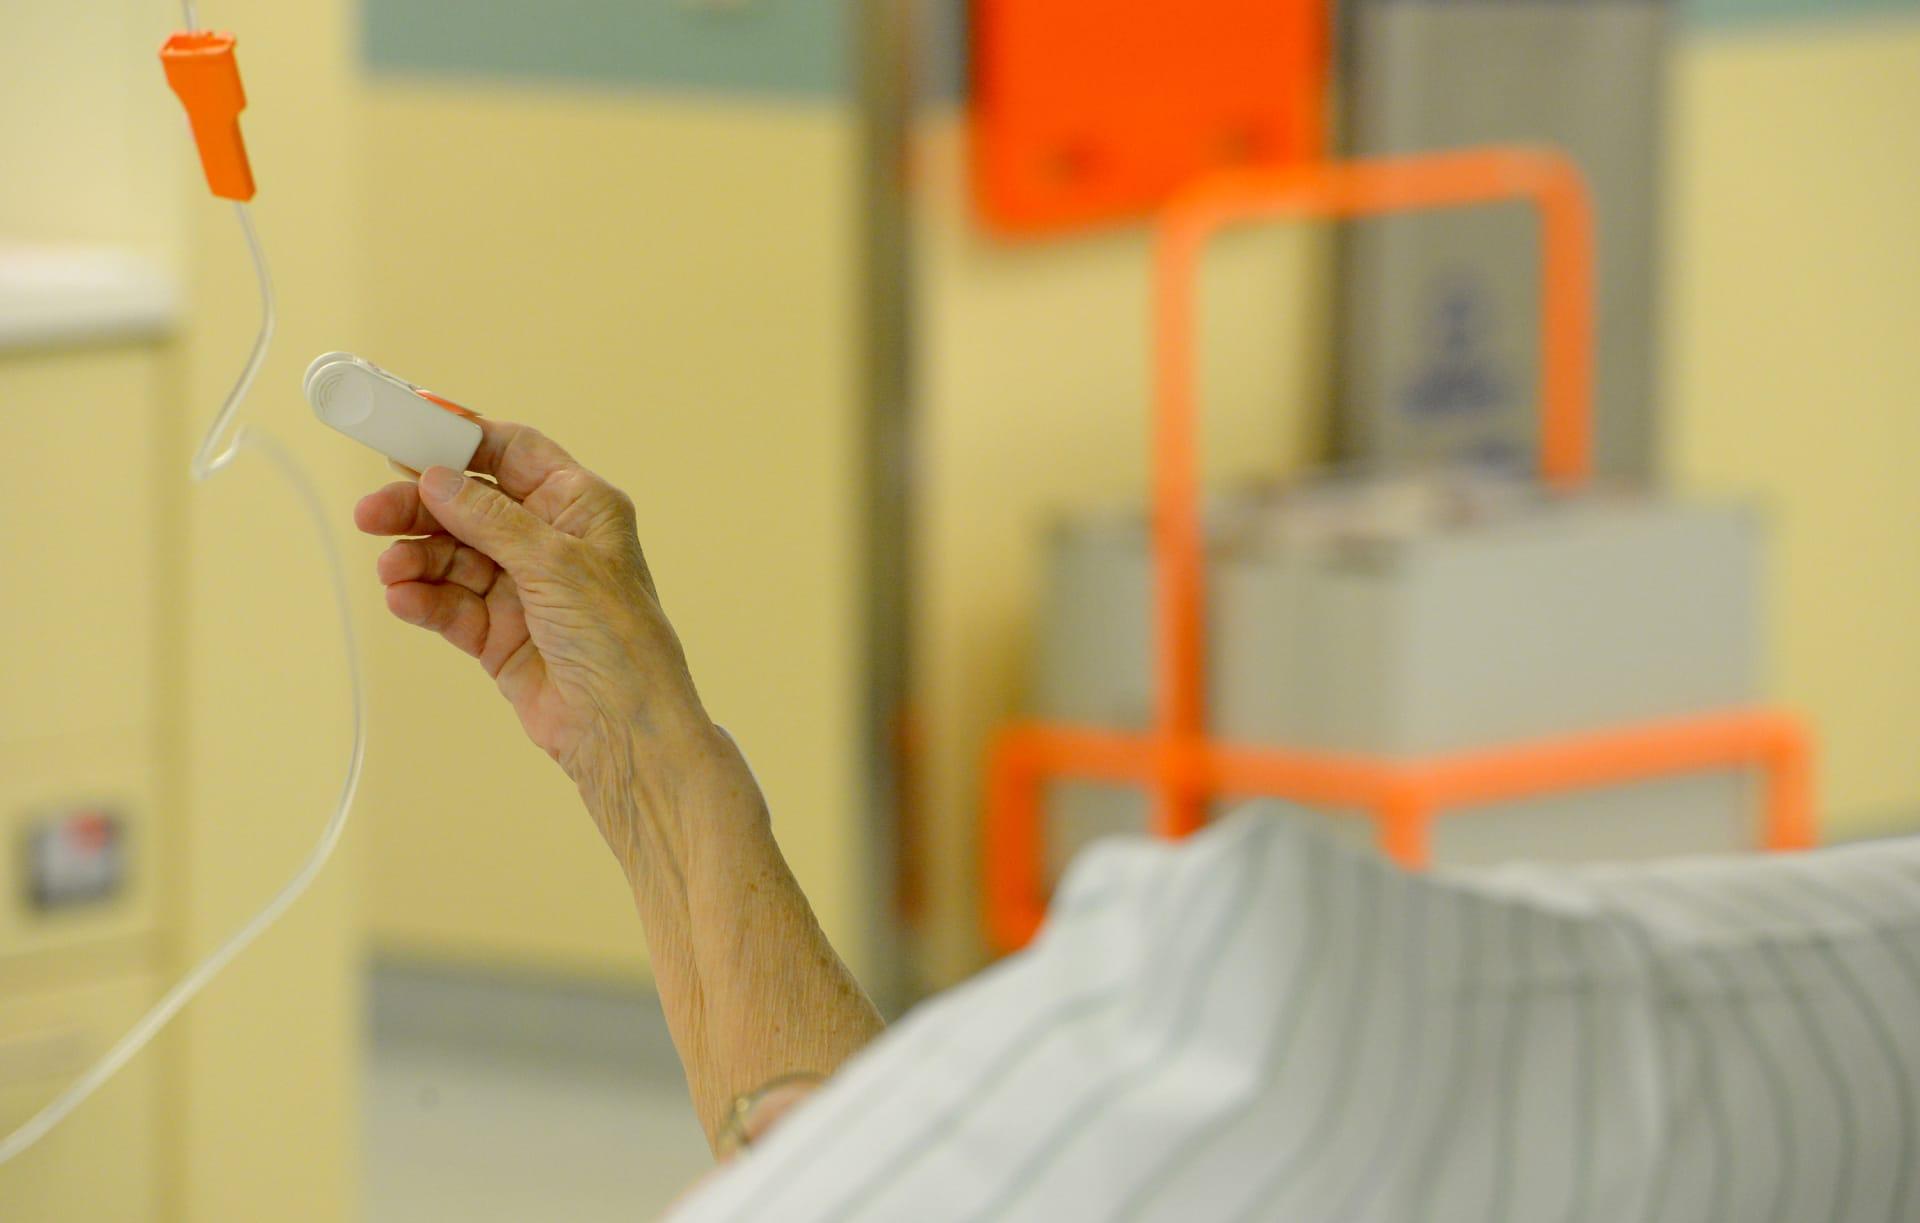 ما الذي يمكن توقعه بعد تشخيص سرطان الدم؟